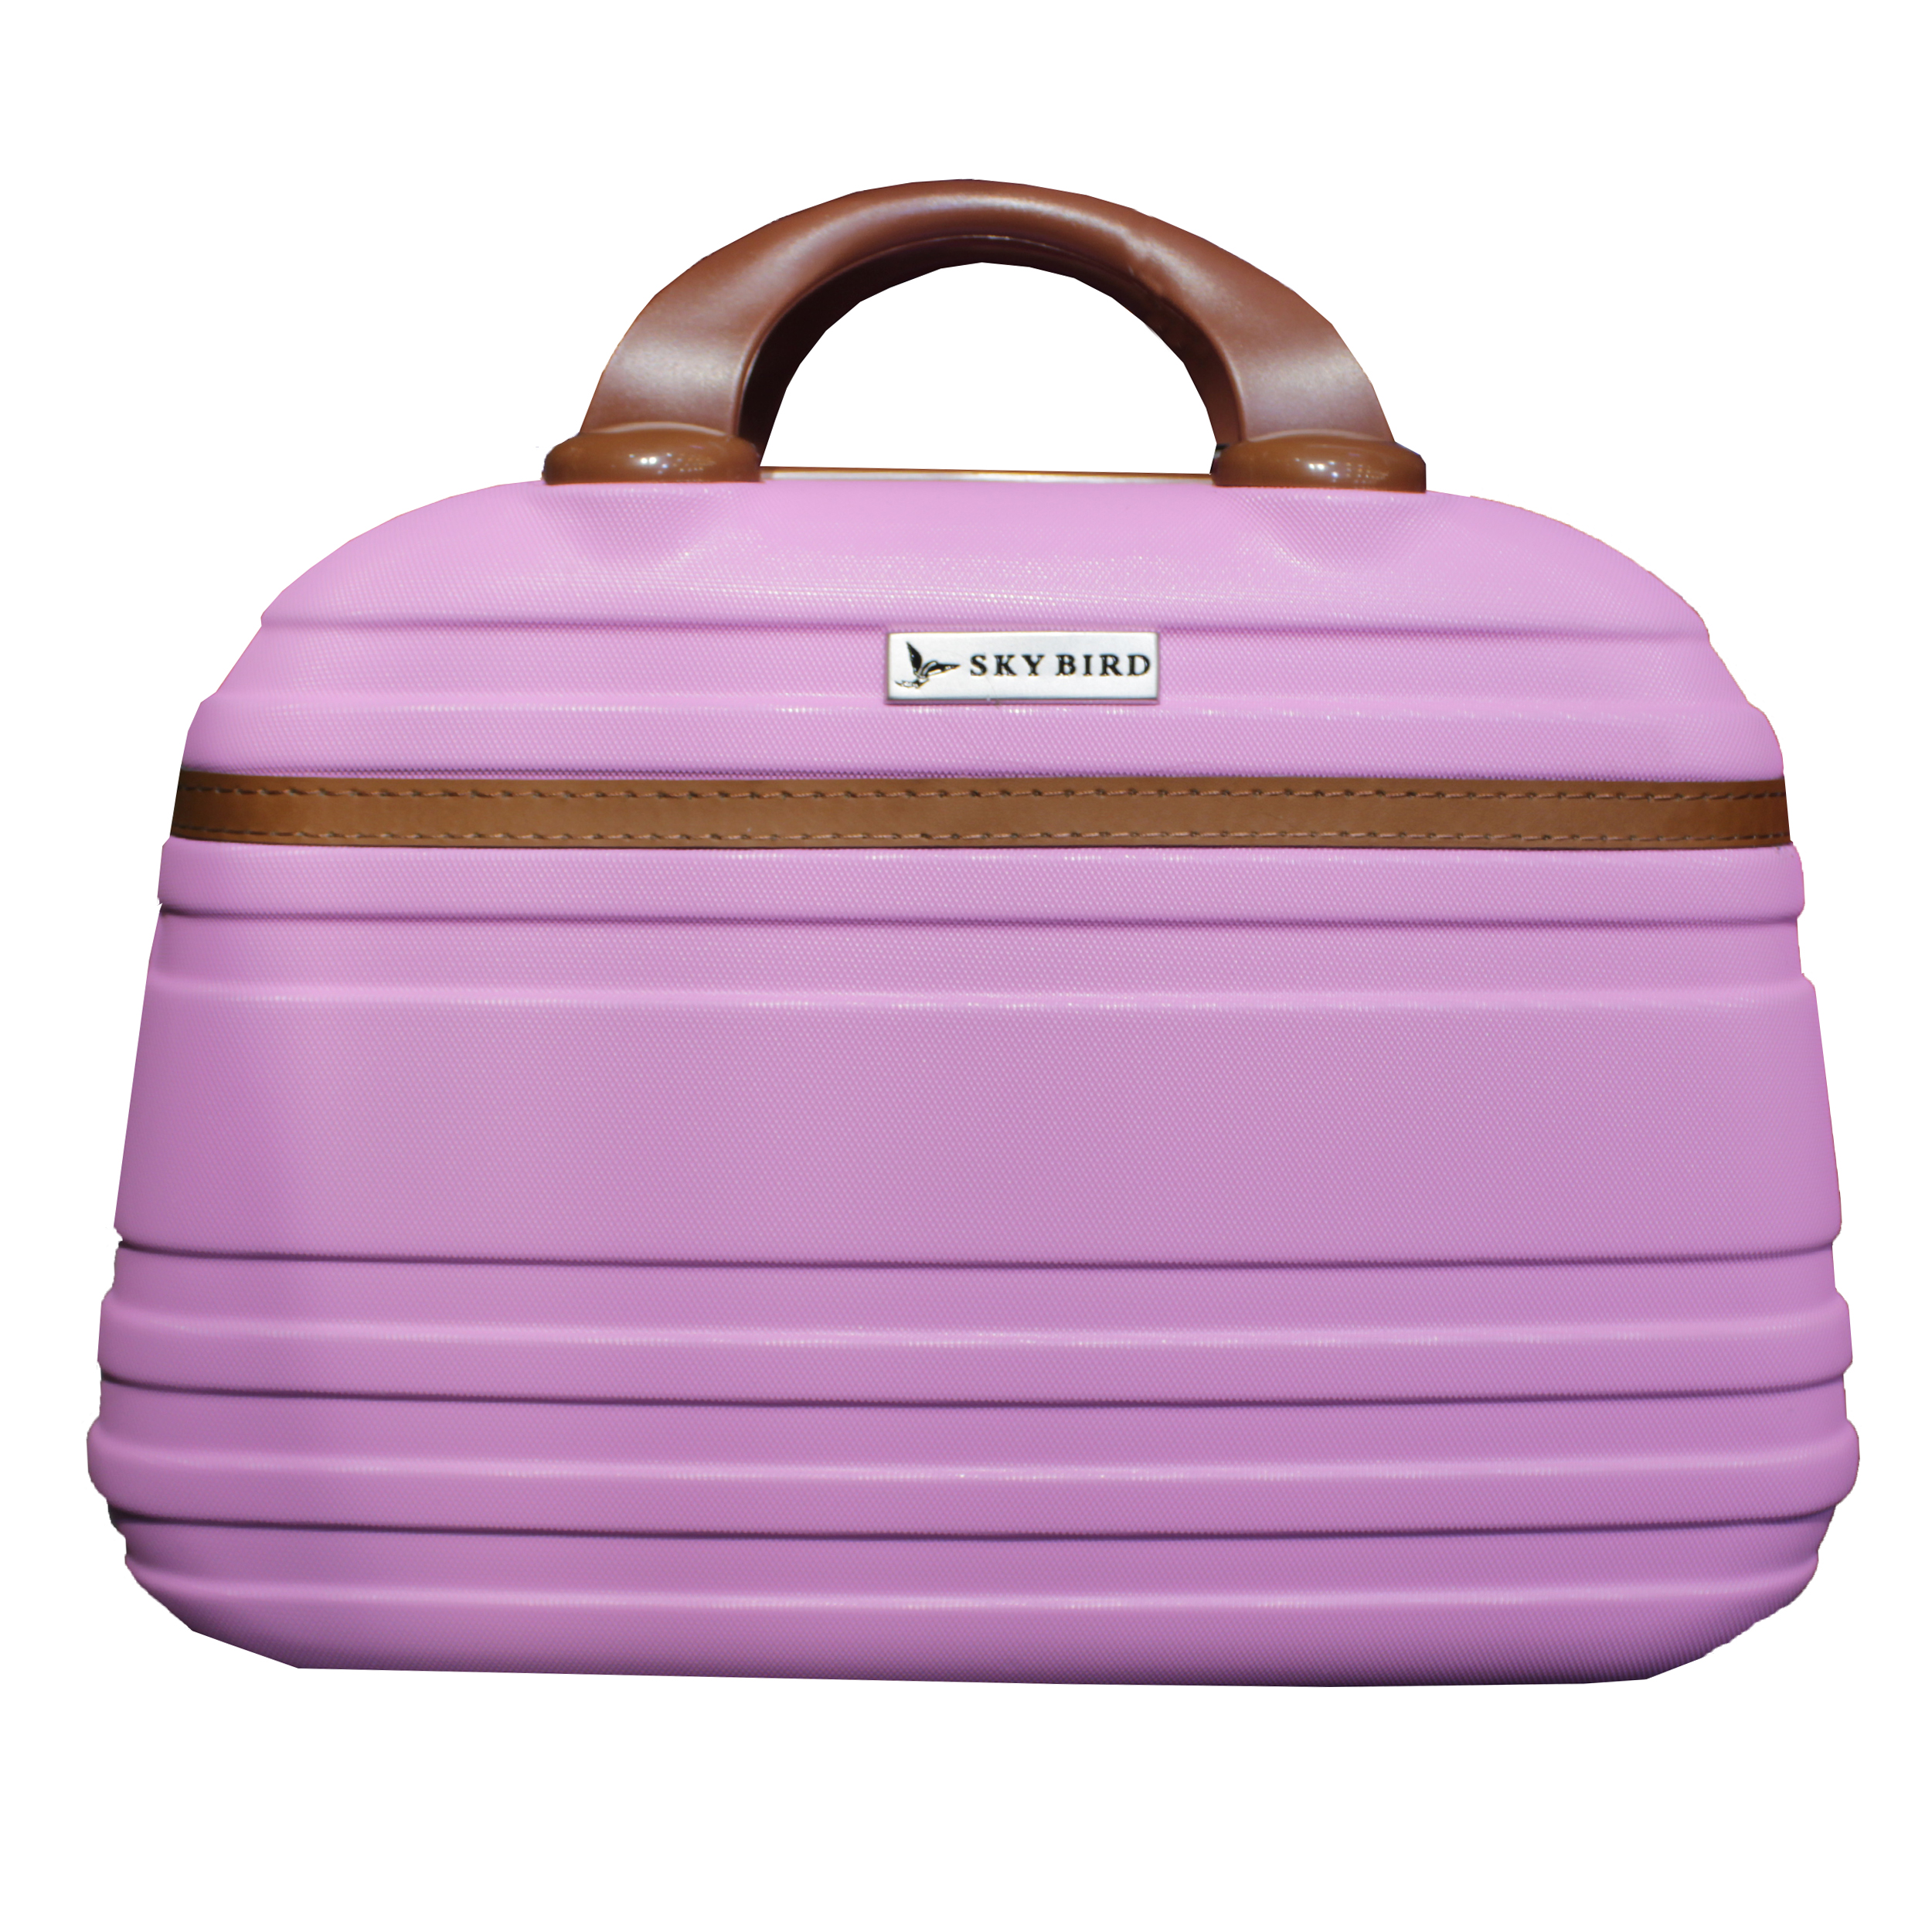 خرید                                        چمدان اسکای برد کد SK03-14